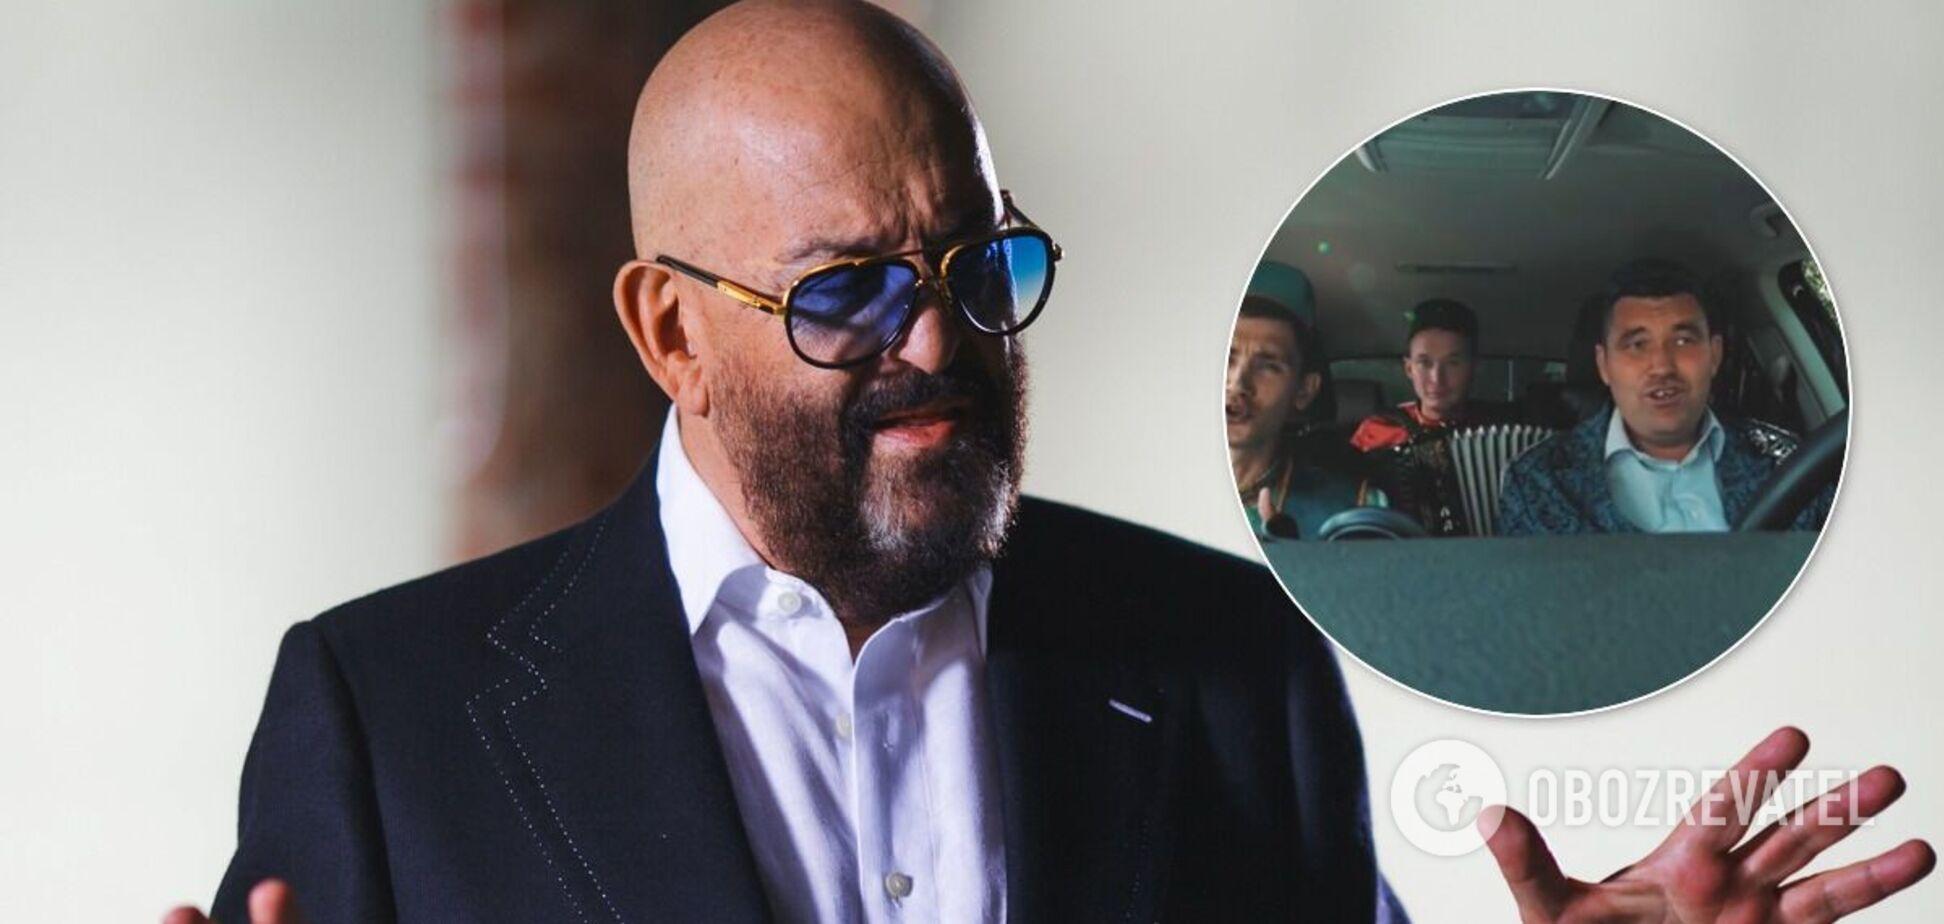 Хит Шуфутинского '3 сентября' исполнили на татарском языке. Видео